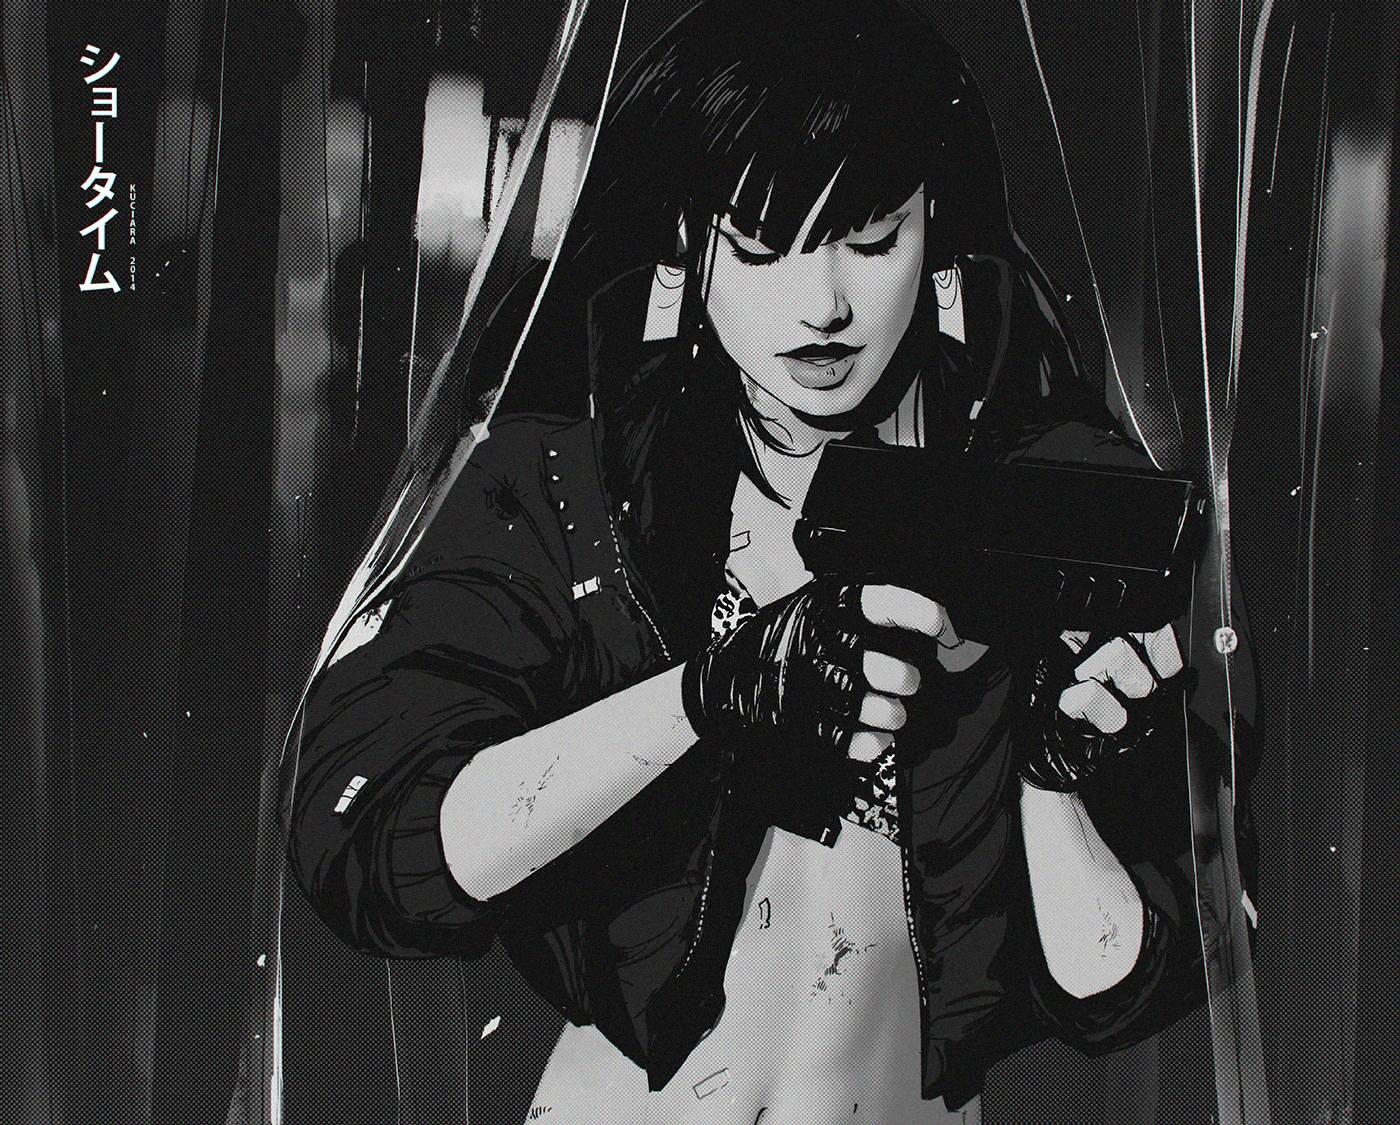 wmKX39J.jpg - Cyberpunk 2077